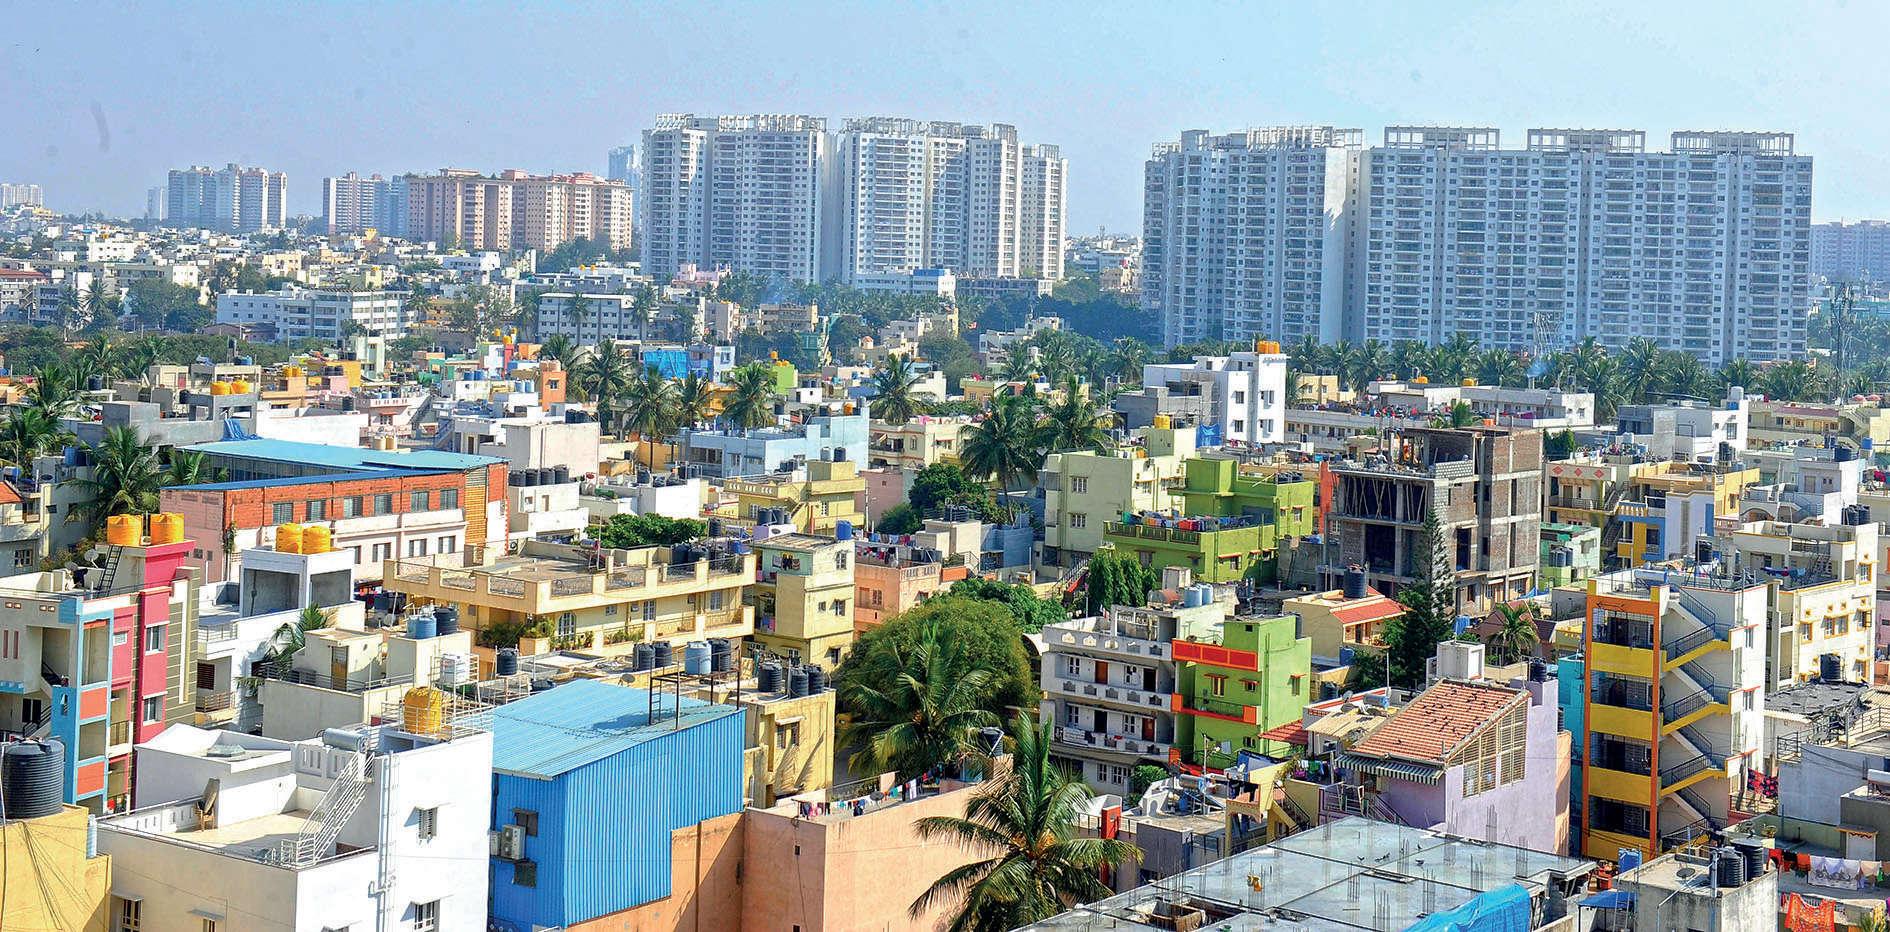 Around 900 high-rises in Bengaluru lack fire exits